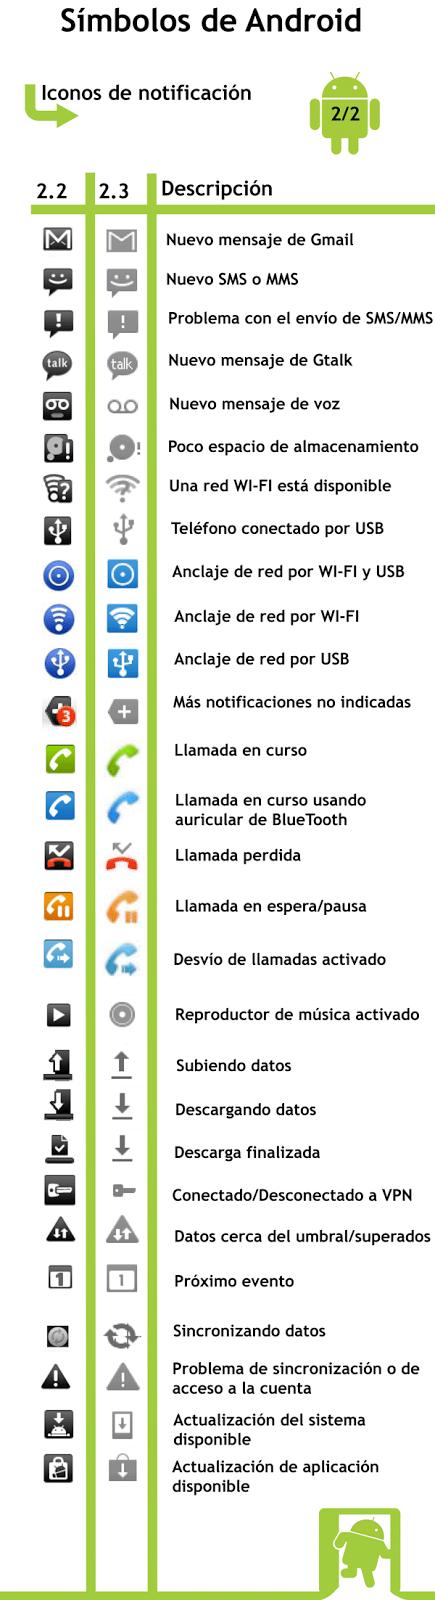 blog elhacker net iconos de estado y notificaciones en android manual de samsung s3 manual de servicio galaxy s3